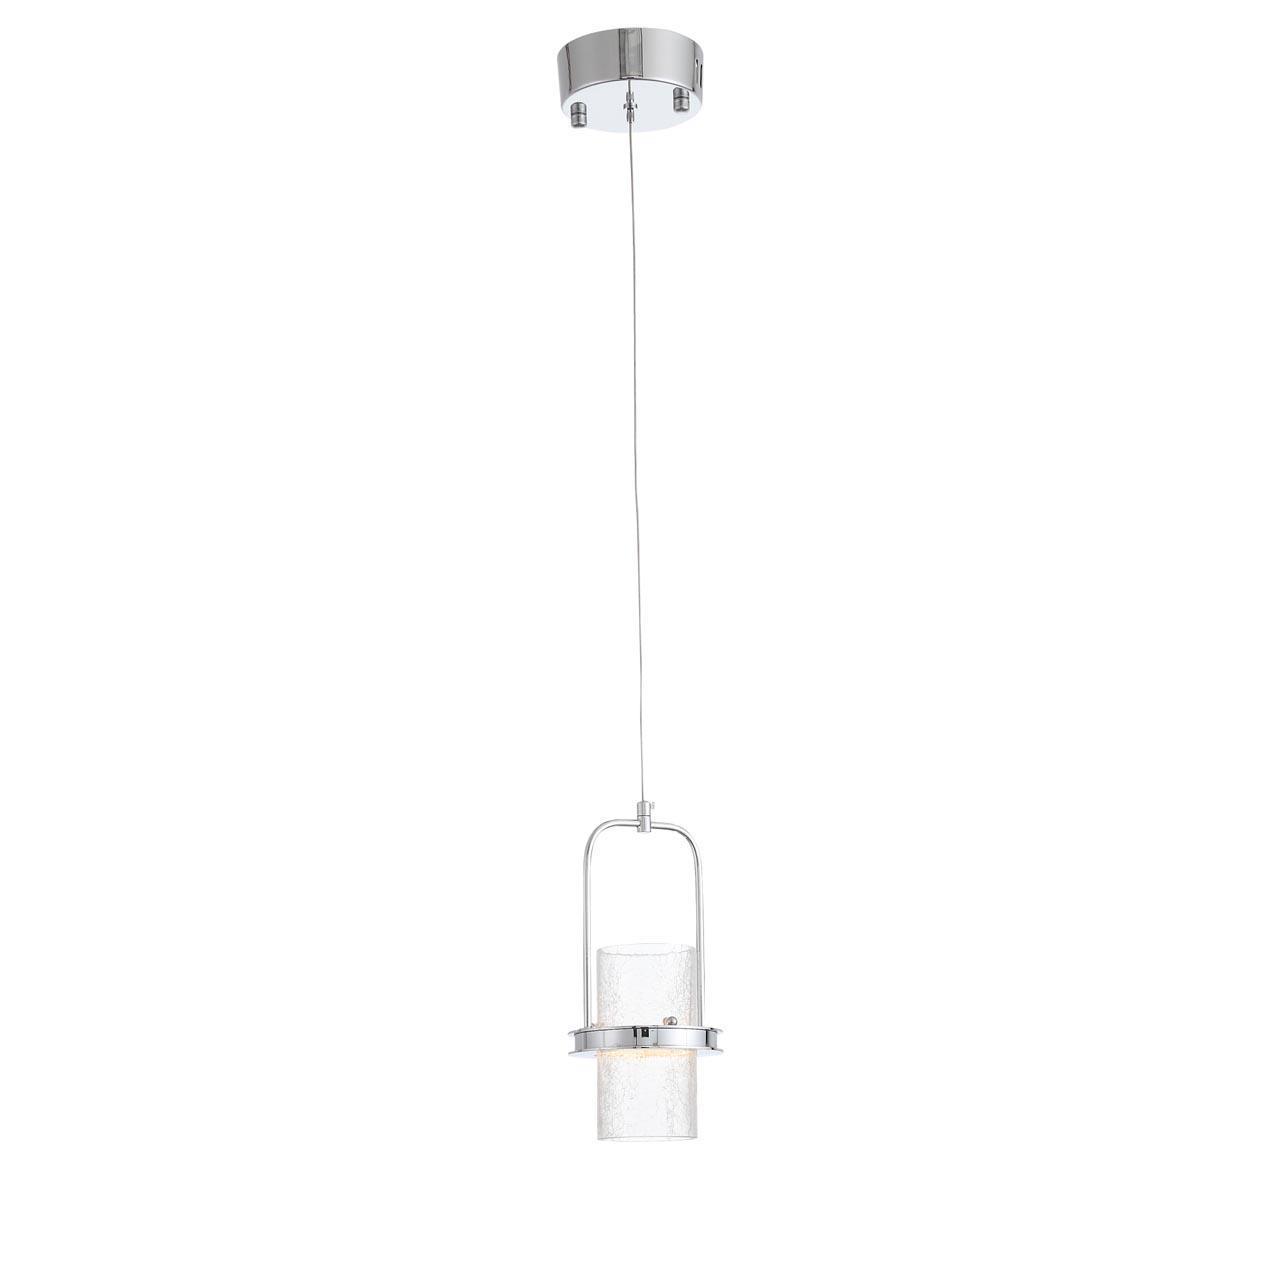 Подвесной светодиодный светильник ST Luce SL430.113.01 st luce sl536 091 01